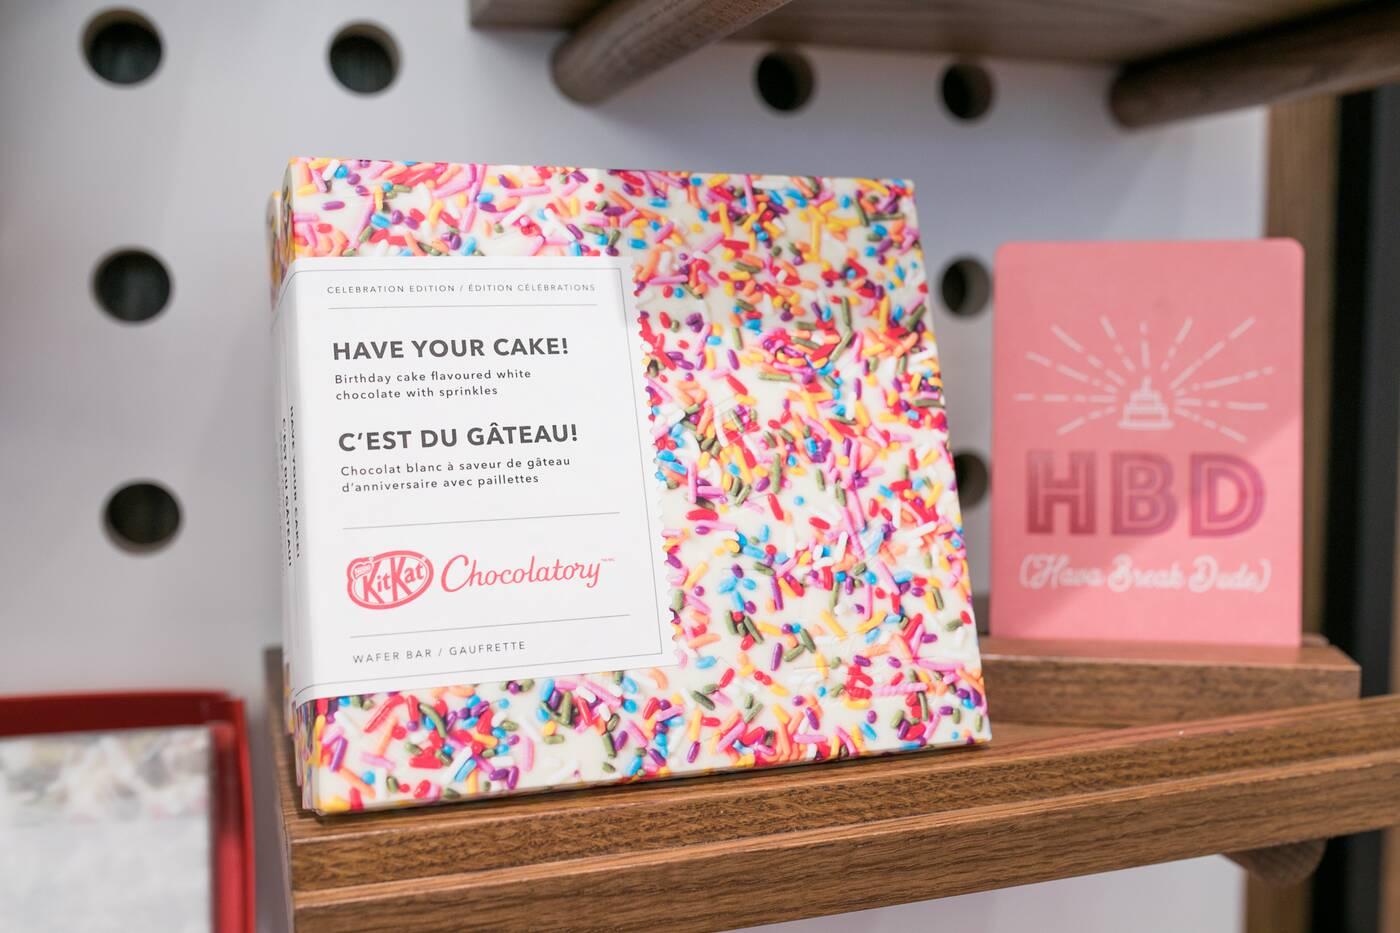 KitKat Chocolatory Toronto